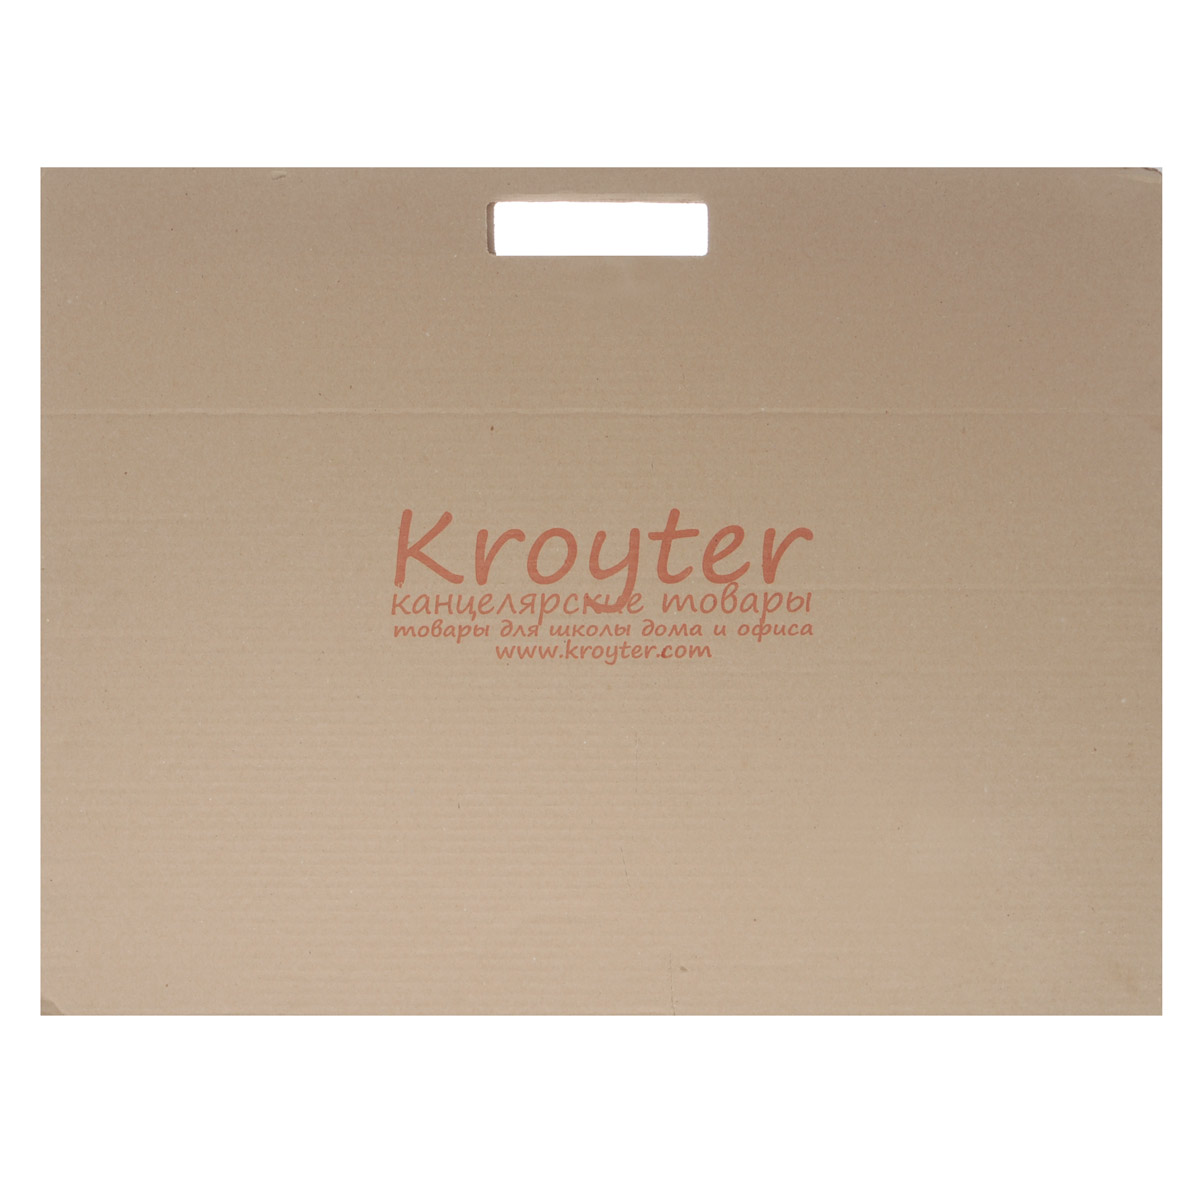 """Папка для черчения """"Kroyter"""" содержит 10 листов плотной бумаги, предназначенной для черчения и рисования водорастворимыми красками, карандашами, мелками, ручками. Не рекомендуется для масляных красок. Обложка выполнена из гофрированного картона в виде папки-переноски с ручками, такой вариант позволяет переносить бумагу без повреждений или хранить в ней уже выполненные работы. Формат: А2 (420 х 594)."""